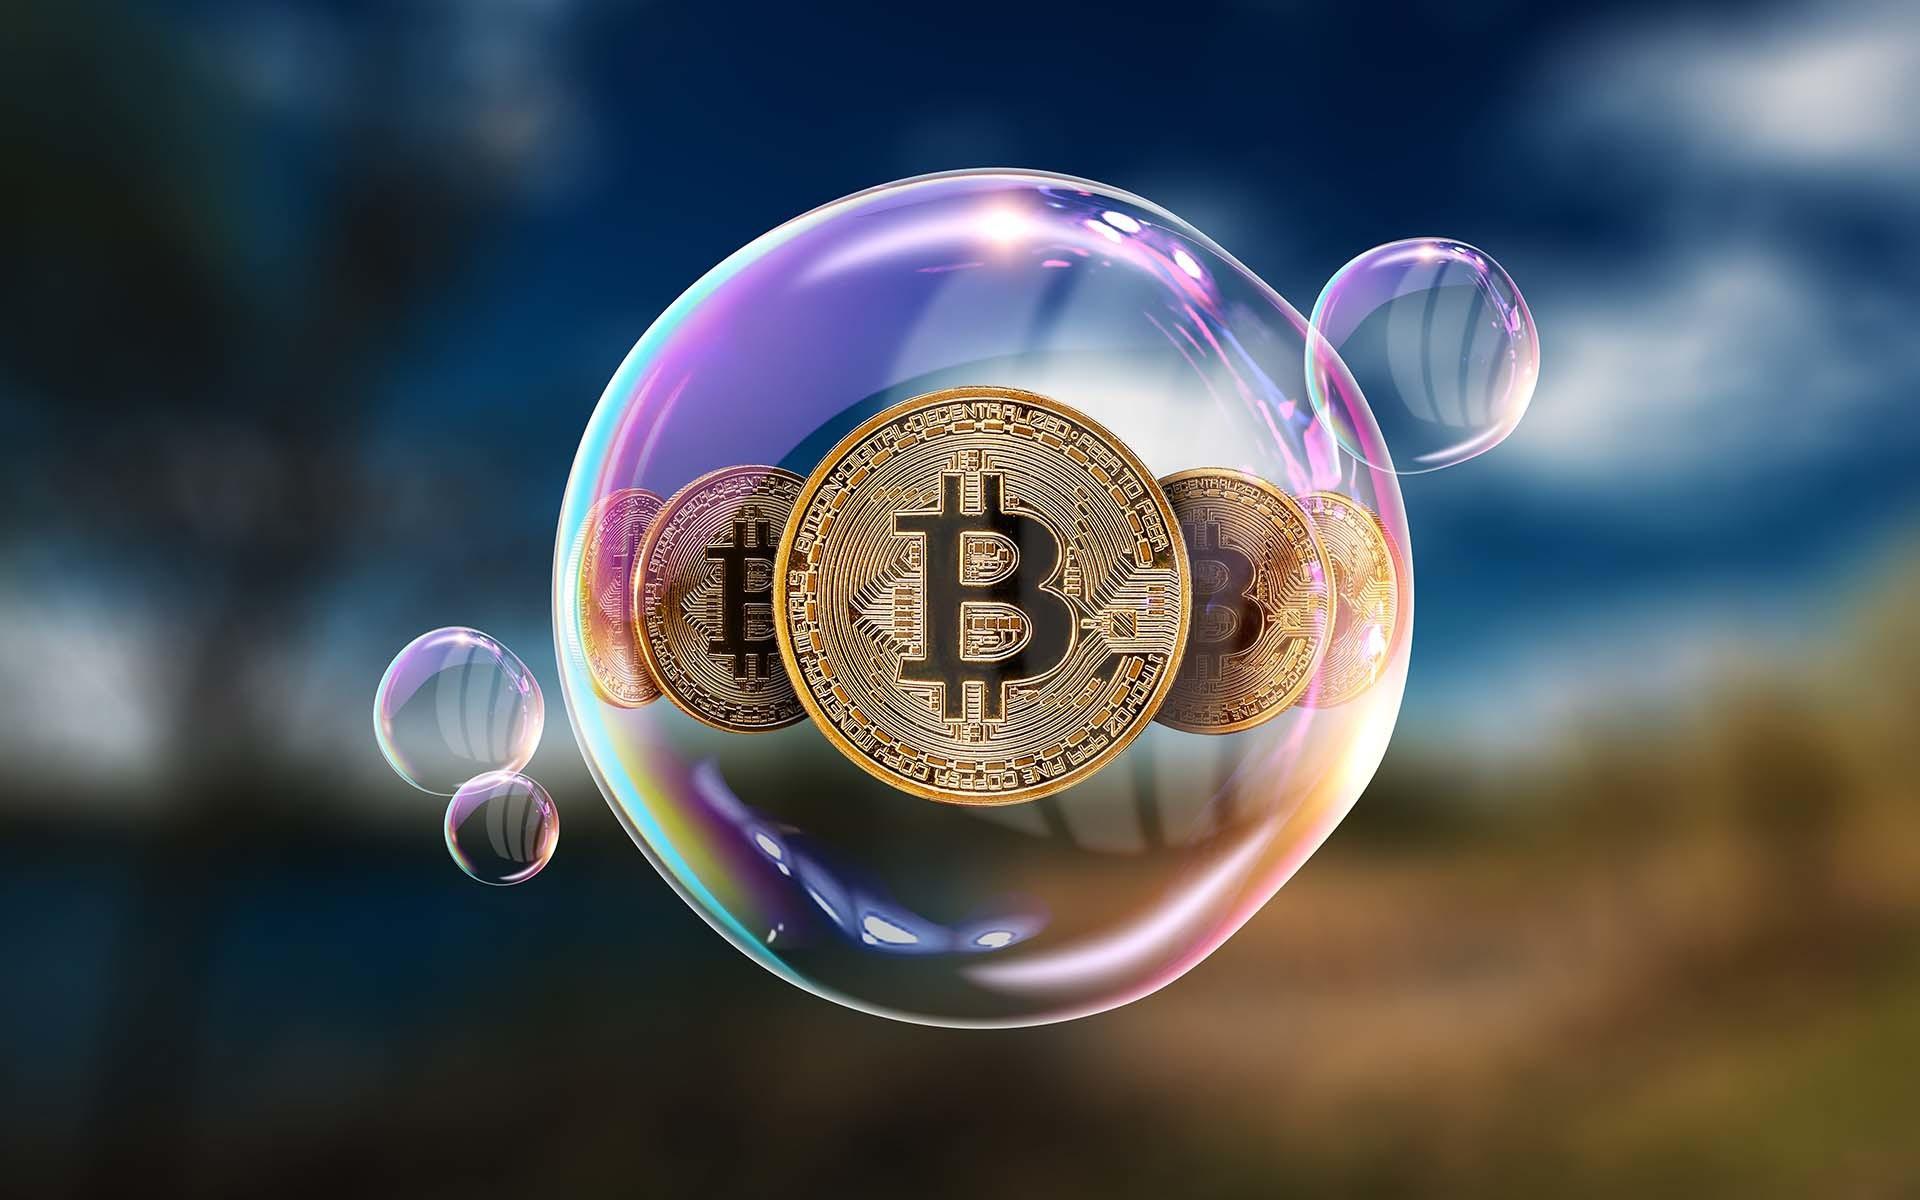 Các nhà quản lý lo sợ vụ sụp đổ năm 2017 của Bitcoin lặp lại - Ảnh 1.